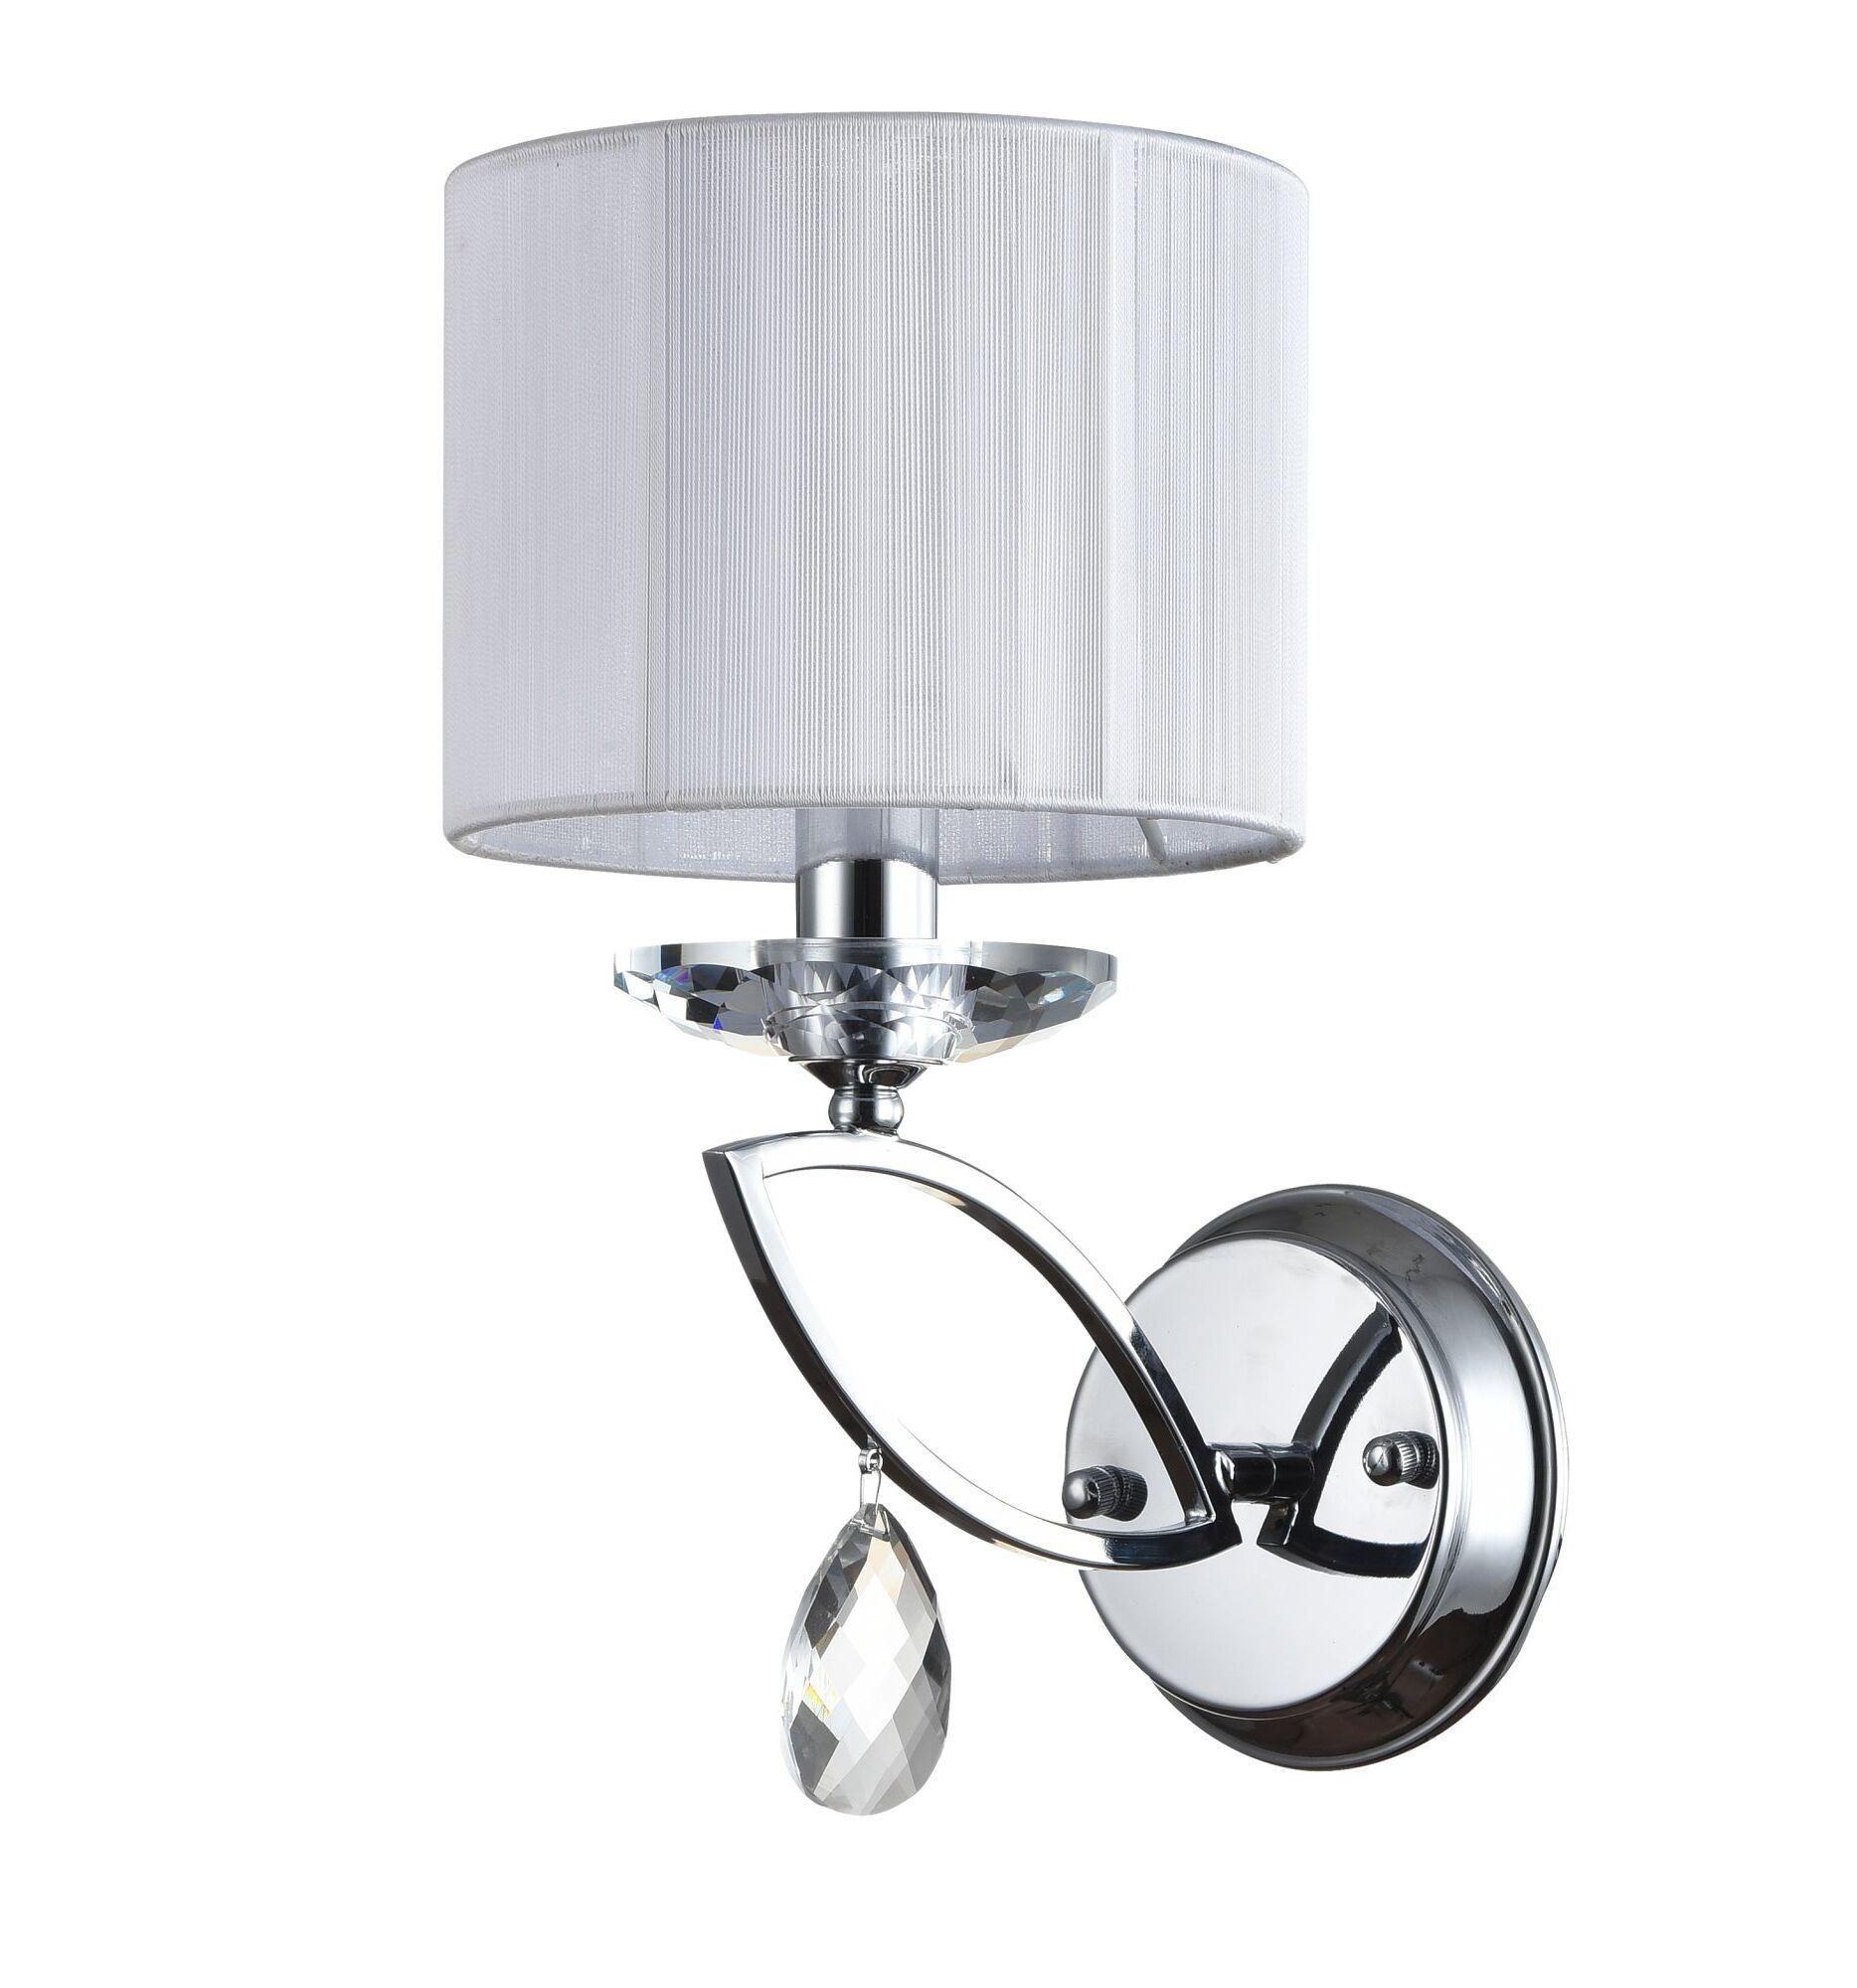 Бра Maytoni Miraggio MOD602-01-N, 1xE14x40W, хром, белый, прозрачный, металл со стеклом, текстиль, стекло - фото 3